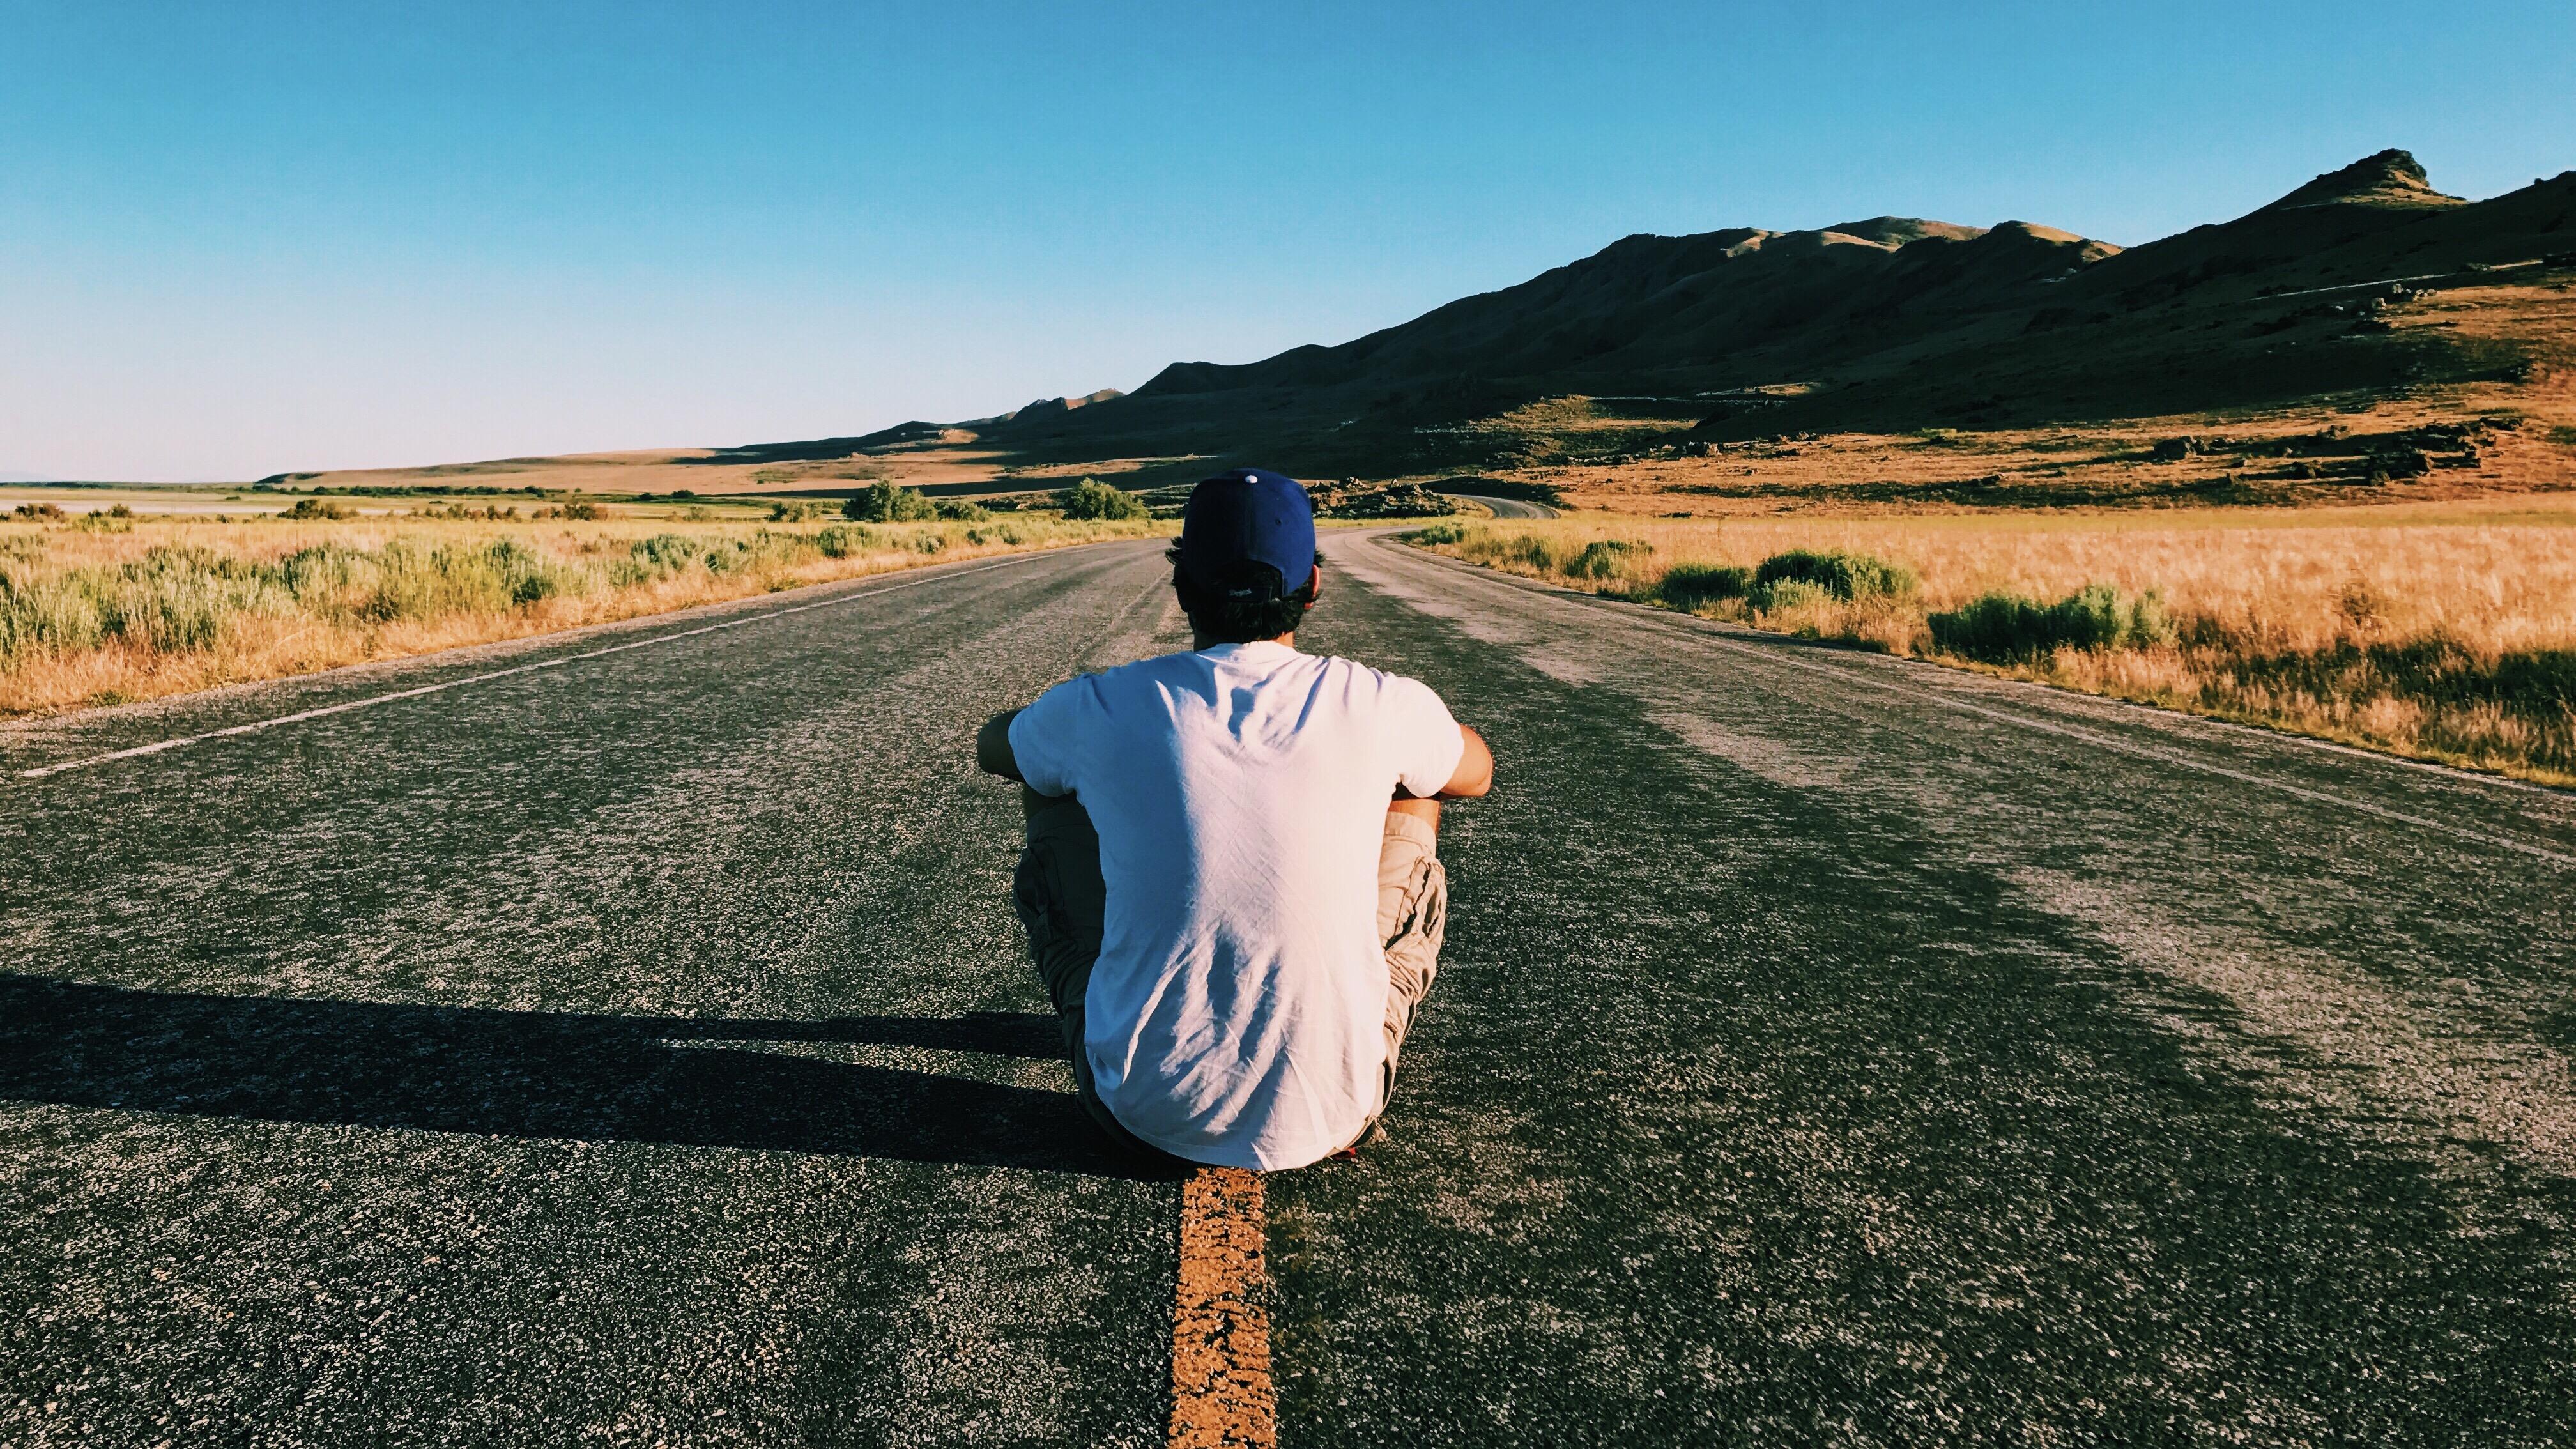 Mann sitzt alleine auf der Strasse